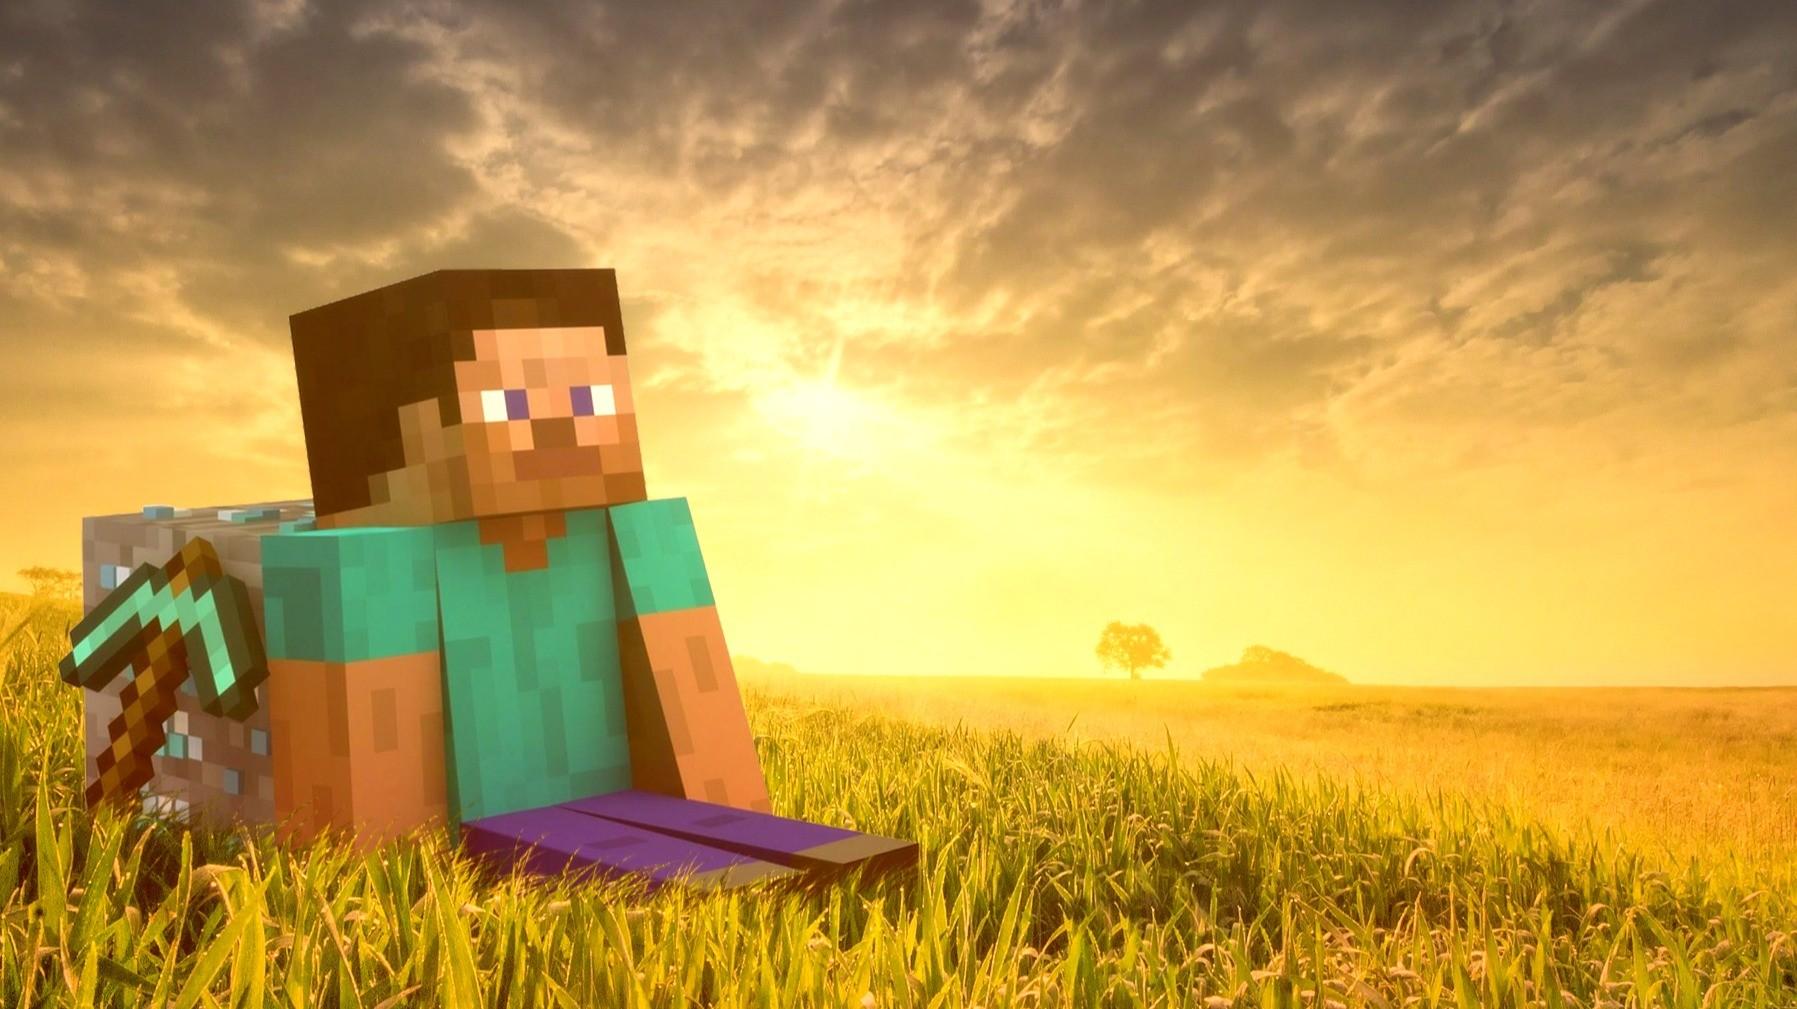 Киберспортивная организация Method создала команду по Minecraft